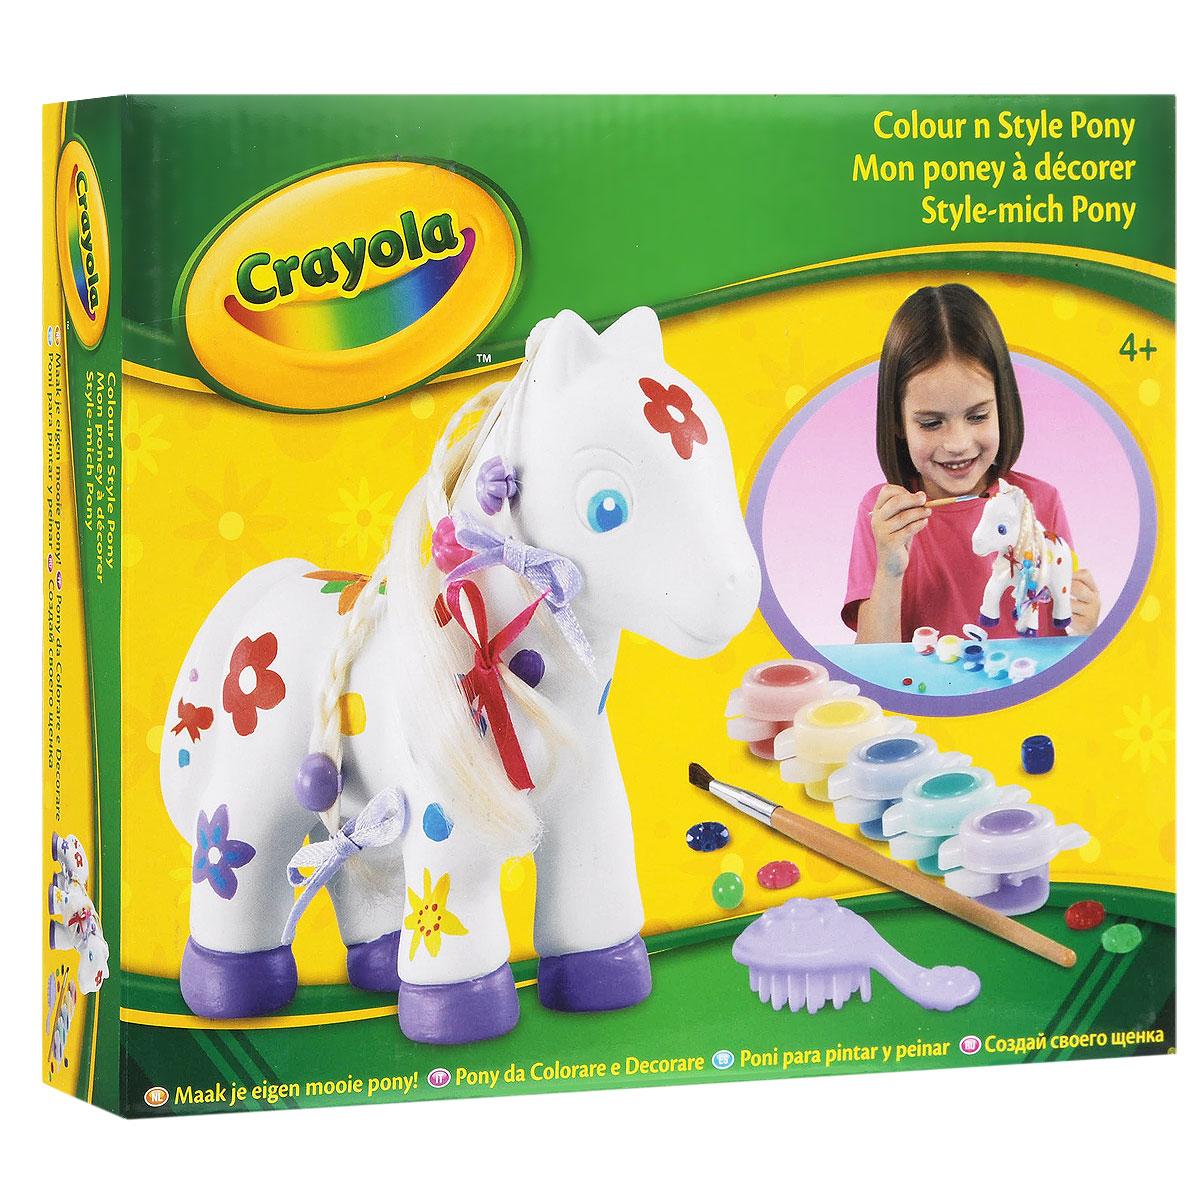 Набор для раскрашивания Crayola Пони93010(10158)Набор для раскрашивания Crayola Пони позволит вашему ребенку создать яркую фигурку собственными руками. В набор входит все необходимое: два элемента для сборки фигурки, грива, расческа, пять баночек с краской фиолетового, синего, зеленого, желтого и красного цветов, кисть, ленточка, лист с наклейками и шесть бусин, которыми можно украшать гриву лошадки. Ребенок сможет раскрасить пони по образцу на коробке или так, как подскажет ему фантазия. Набор для раскрашивания Crayola Пони поможет ребенку развить цветовое восприятие, проявить свой талант и раскрыть творческие способности. Также набор формирует художественный вкус малыша, учит его рисовать не только на плоской поверхности, но и на объемных телах, что не раз понадобится ребенку в будущем. Он развивает мелкую моторику, навыки раскрашивания, а также учит добру и заботе, ответственности и аккуратности. Раскрашивать стоит вместе с родителями, ведь именно им можно задать тысячу и один вопрос о том, кто такие пони, чем...